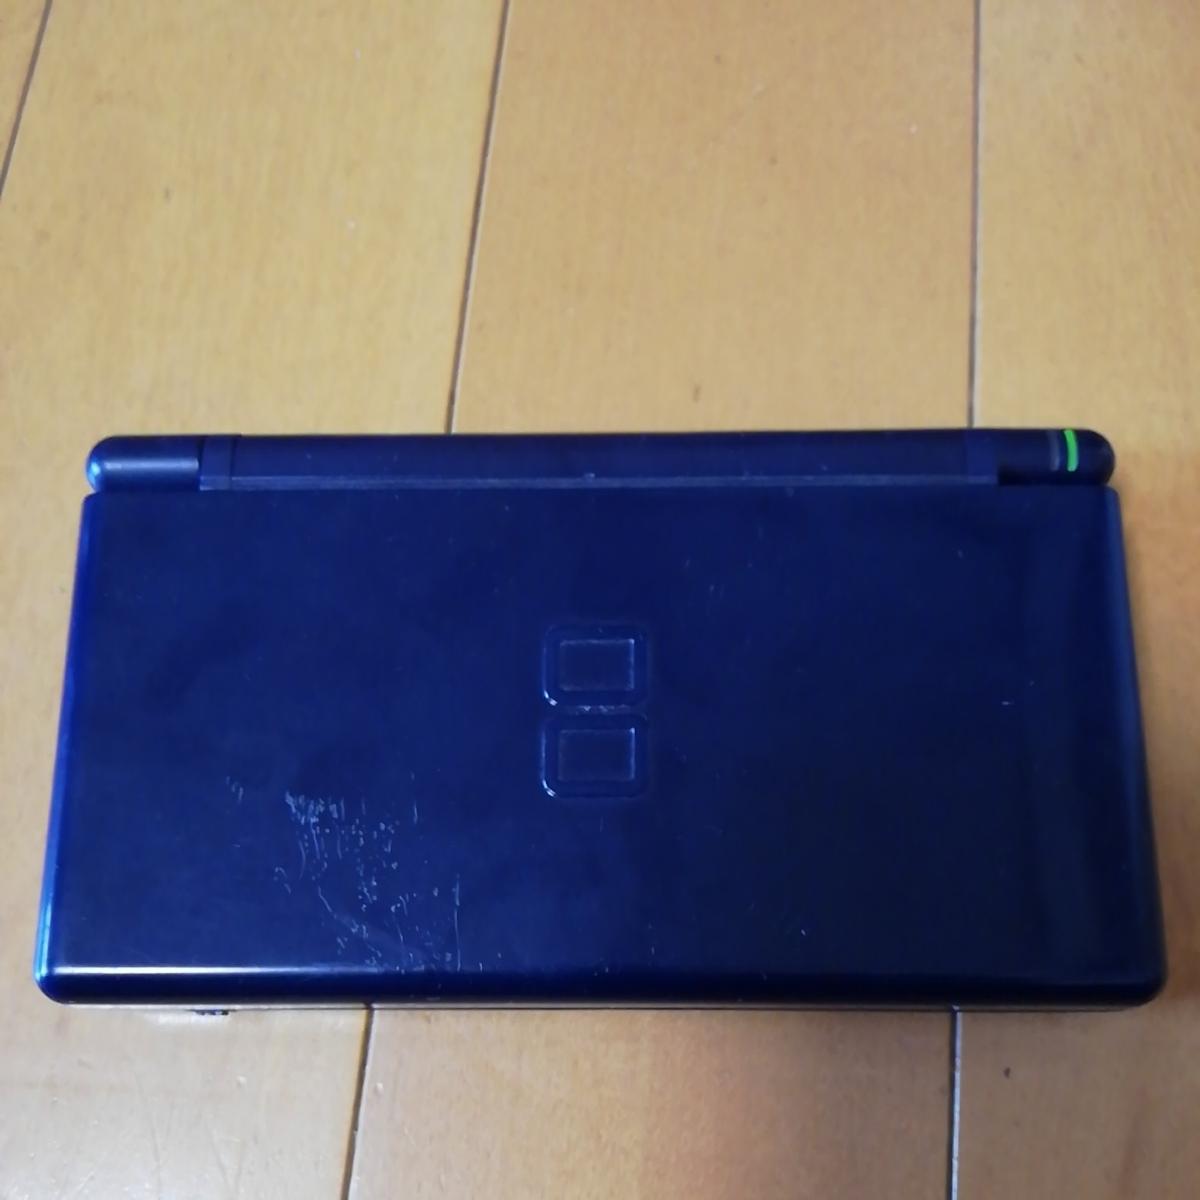 ジャンク品 ニンテンドーDS light ライト 充電器つき DS Lite _画像3